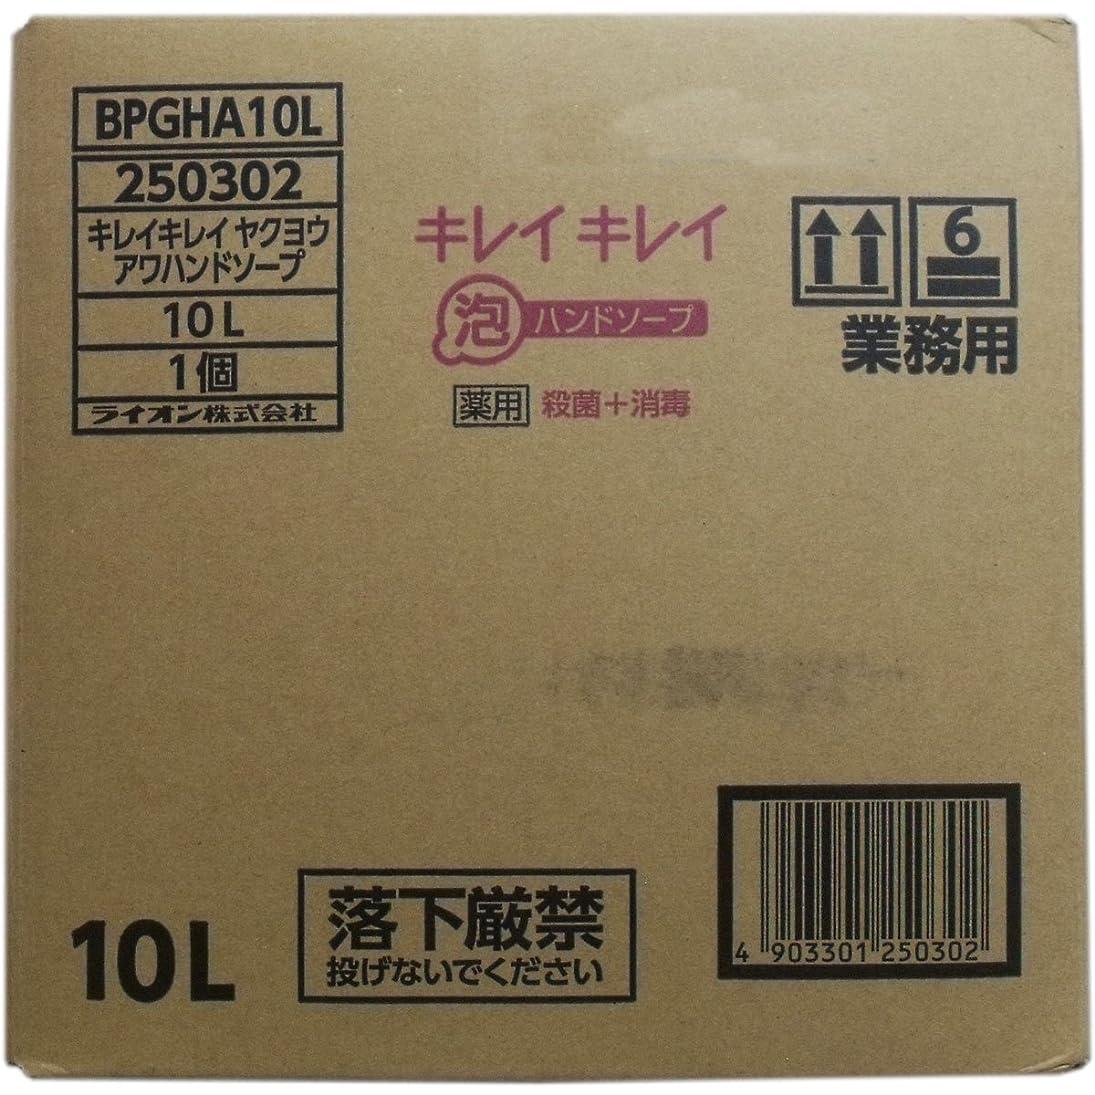 最初カタログ専門知識業務用キレイキレイ 薬用泡ハンドソープ 10L×10個セット